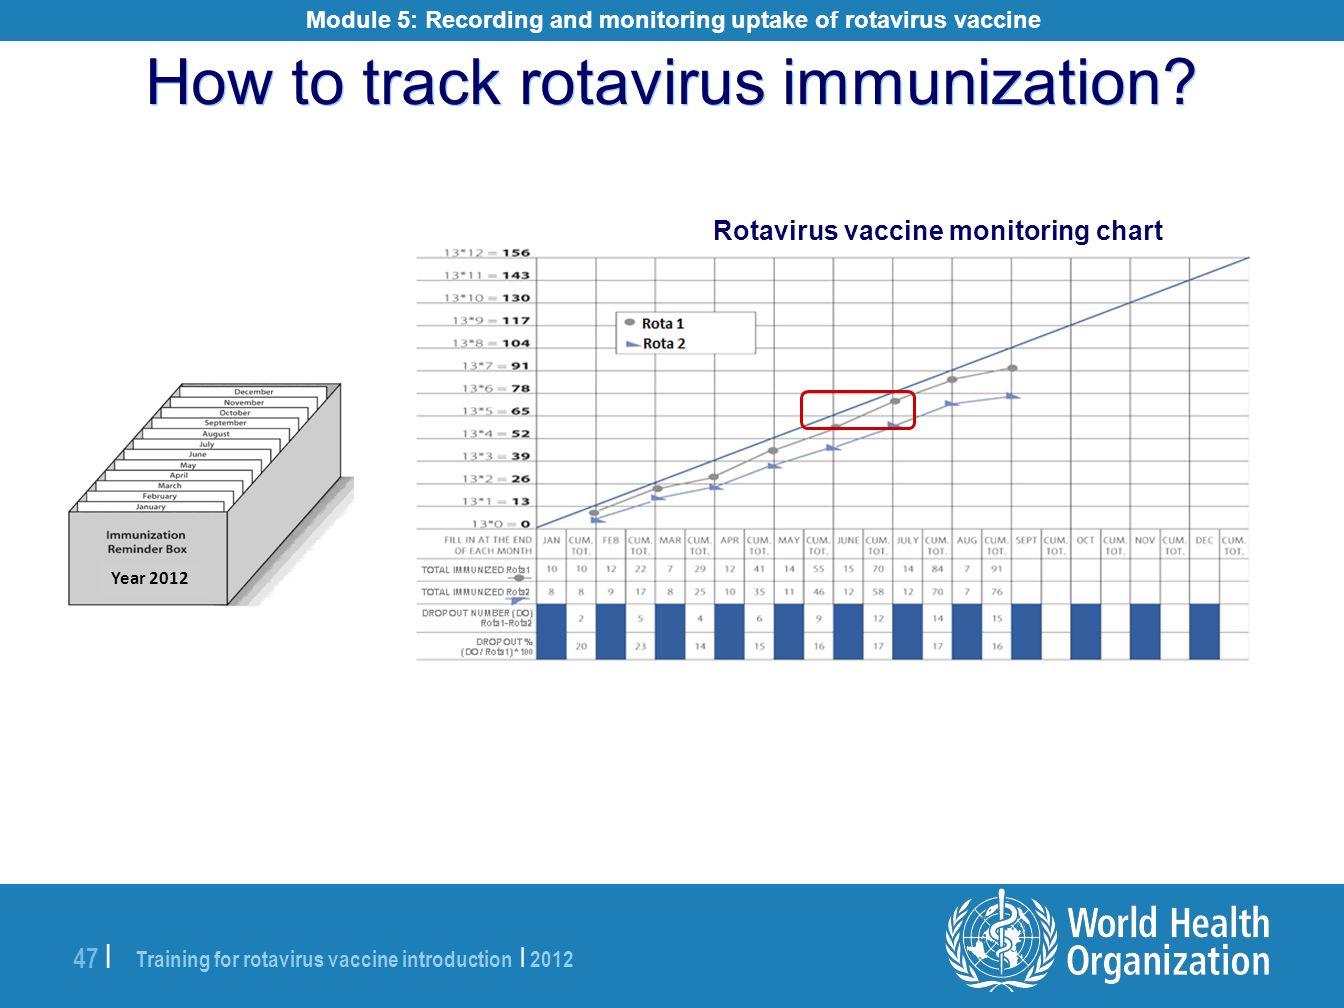 How to track rotavirus immunization